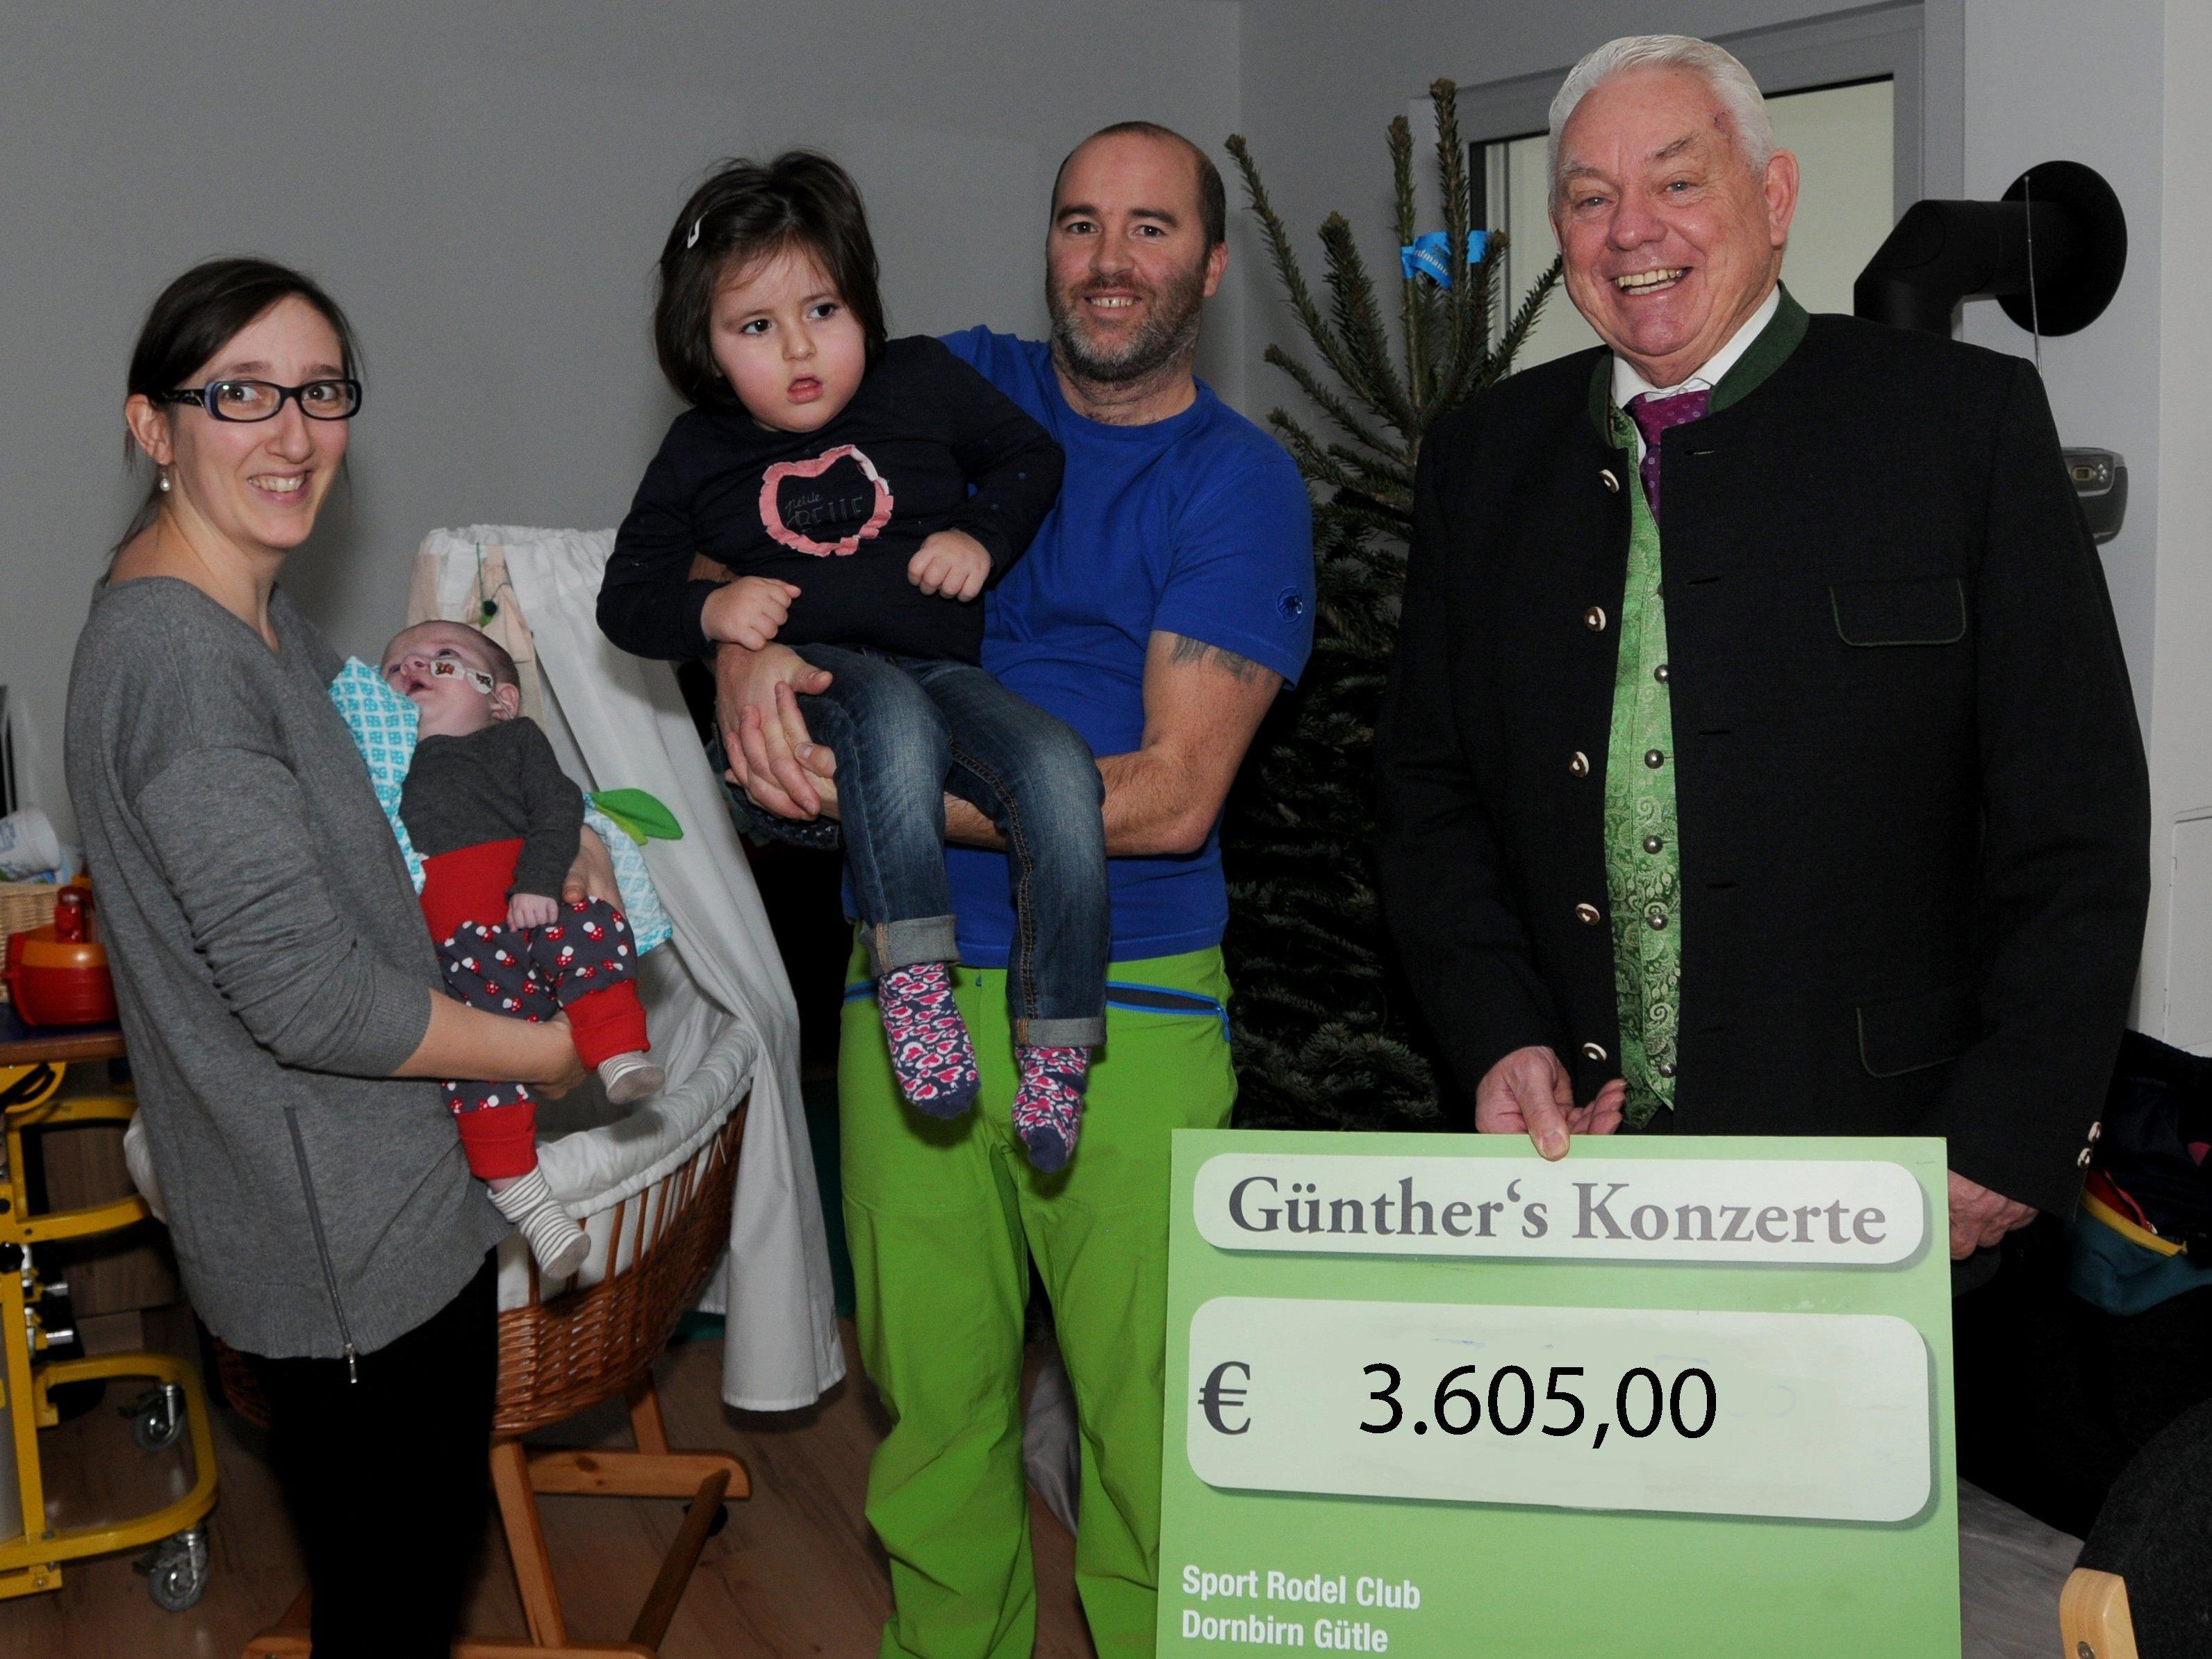 Familie Bachmeier freute sich gemeinsam mit Söhnchen Paul (der gerade erst aus dem Krankenhaus heimgekehrt ist) den Scheck entgegenzunehmen.